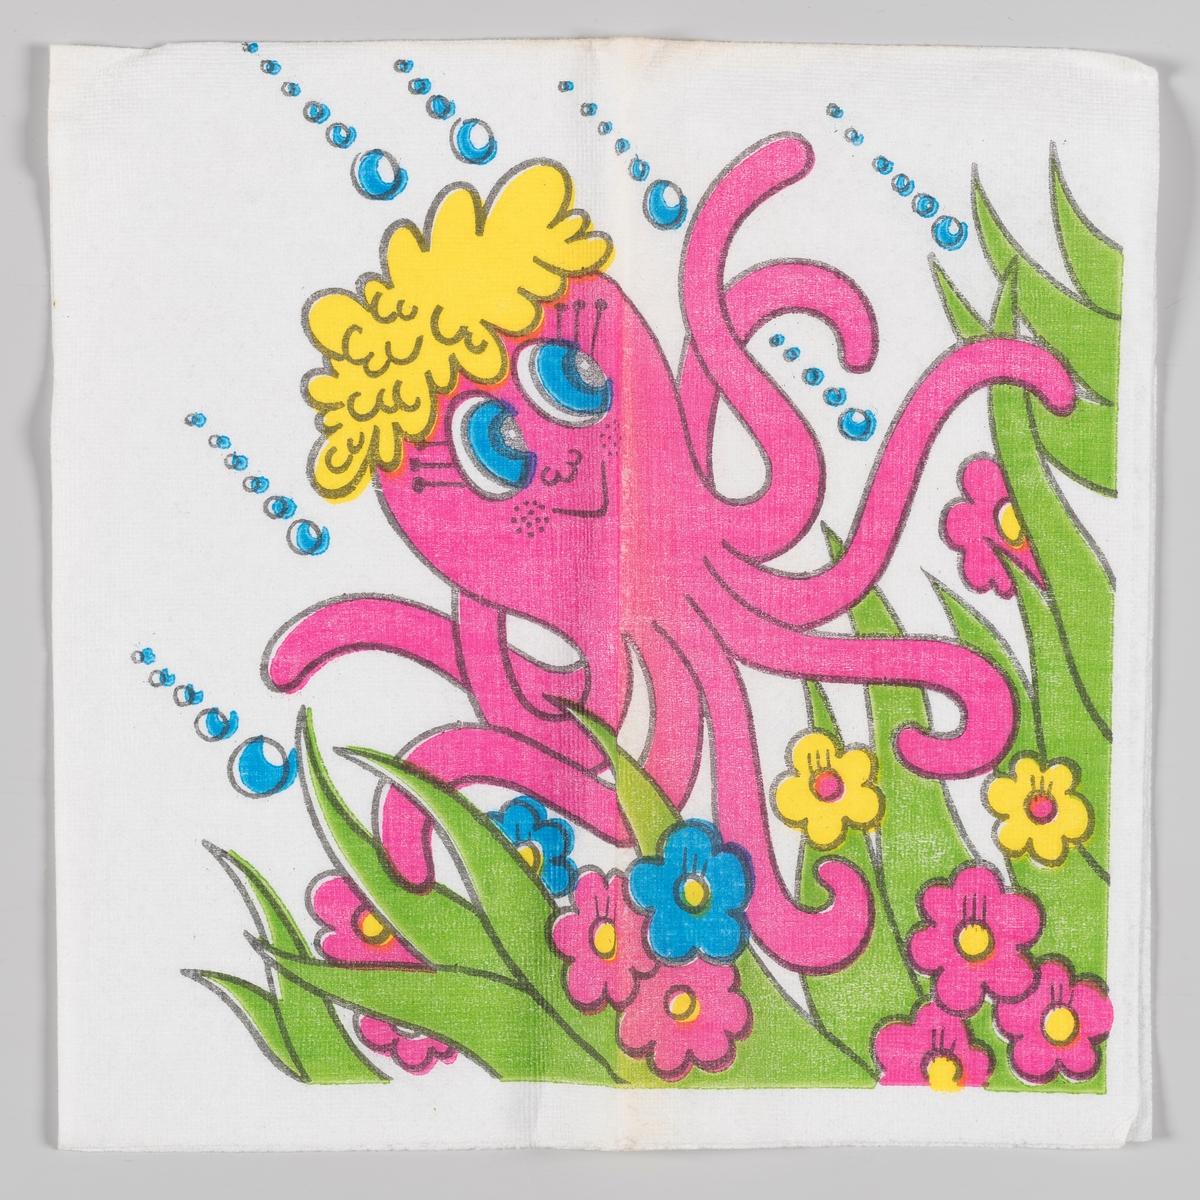 En rosa blekksprut med gult hår beveger seg runt blant gress og blomster.